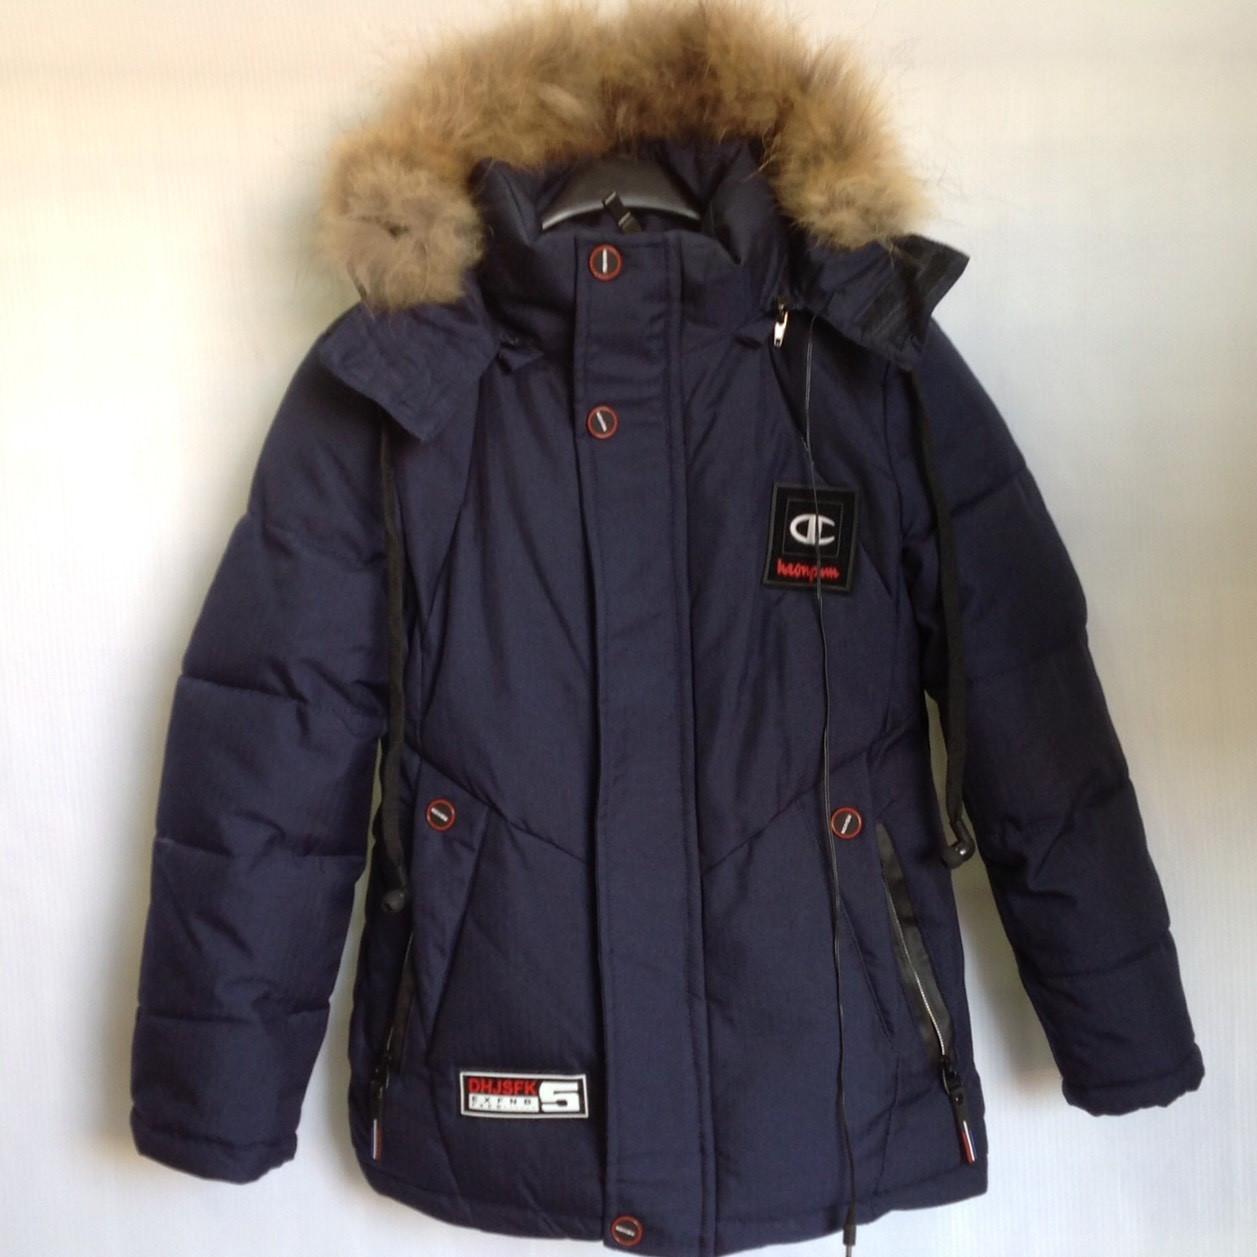 """Куртка зимняя """"IsYiqida"""" #7-119  для мальчиков. 6-7-8-9-10 лет (116-140 см). Темно-синяя. С наушниками. Оптом."""